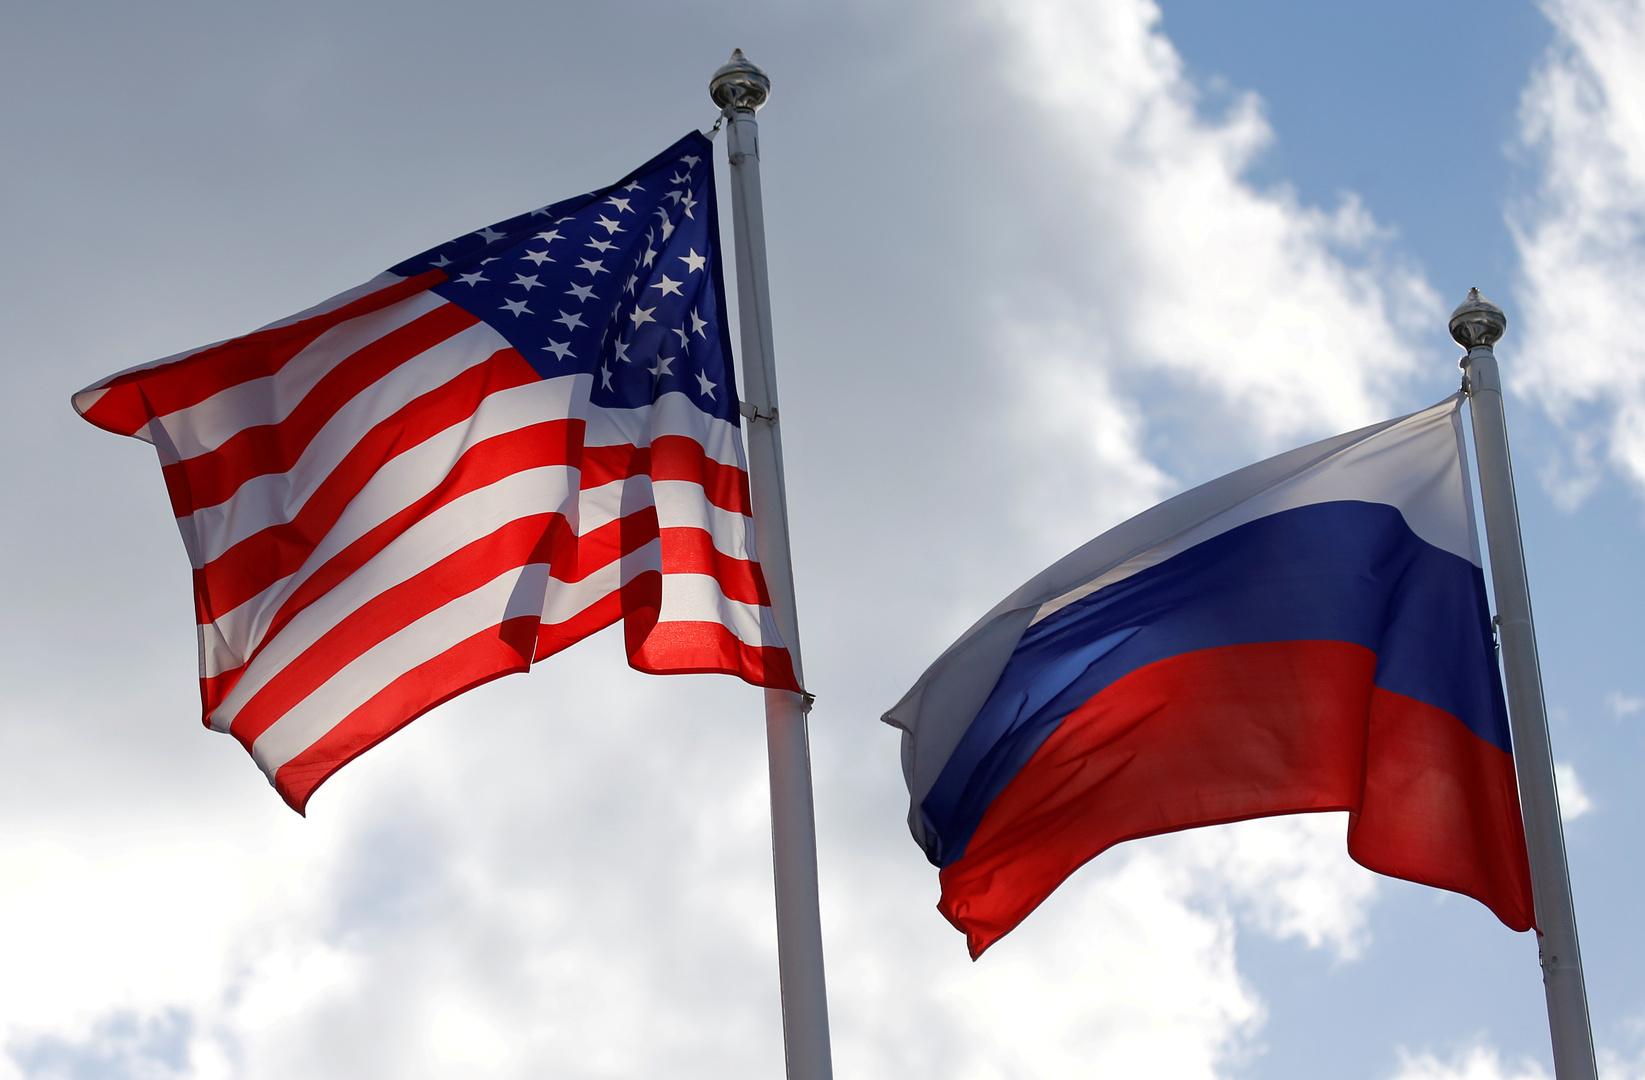 واشنطن تعلن استعدادها للتعاون مع موسكو في عدد من القضايا منها سوريا